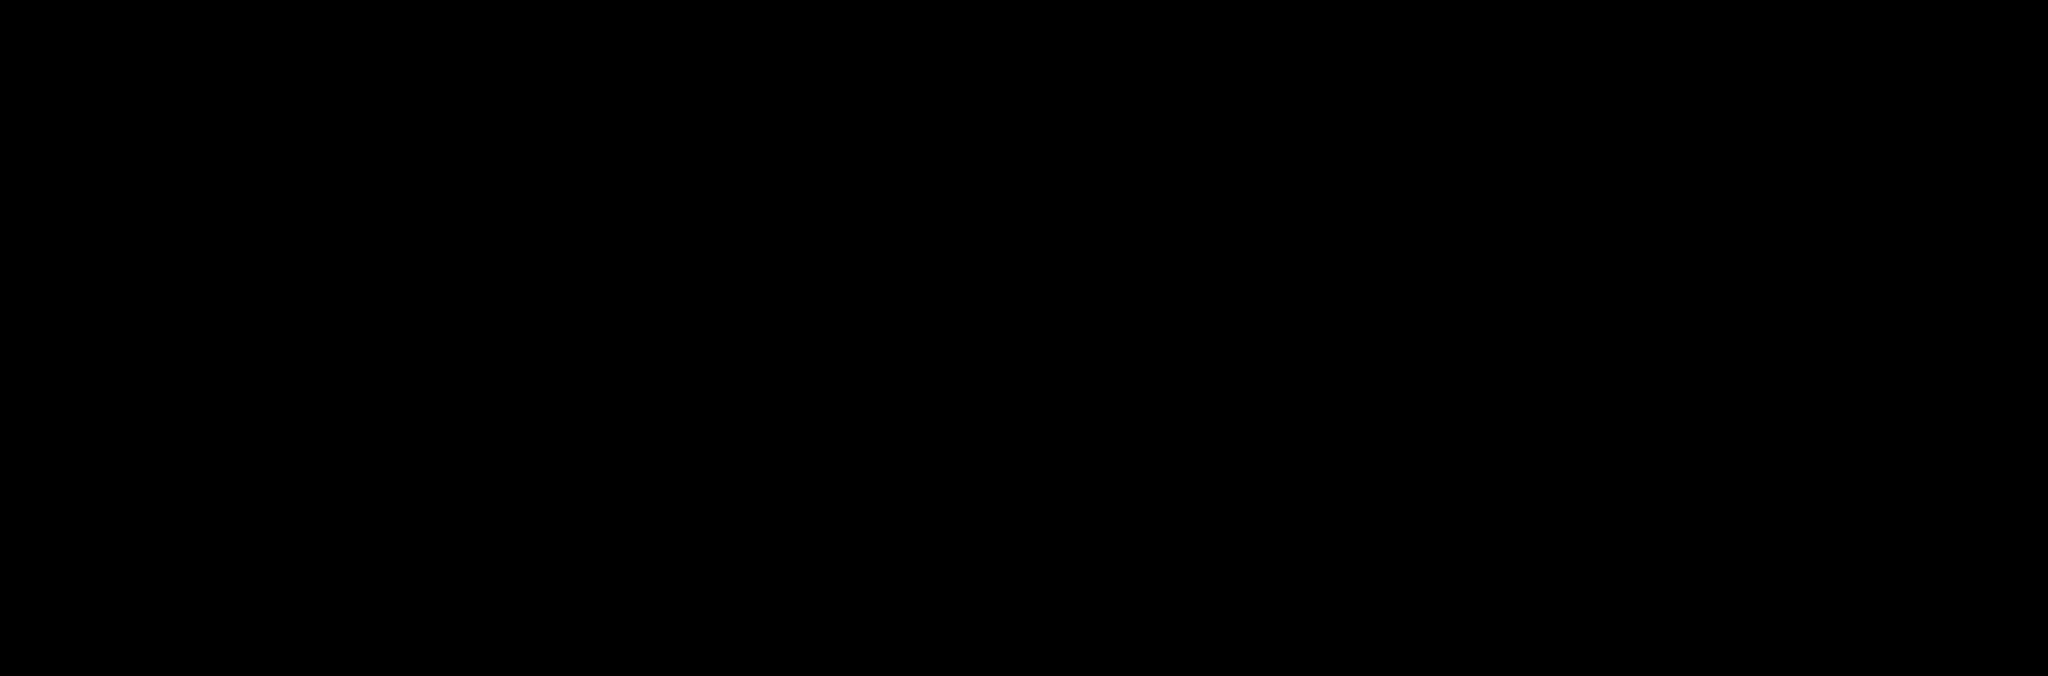 Hairstory logo black